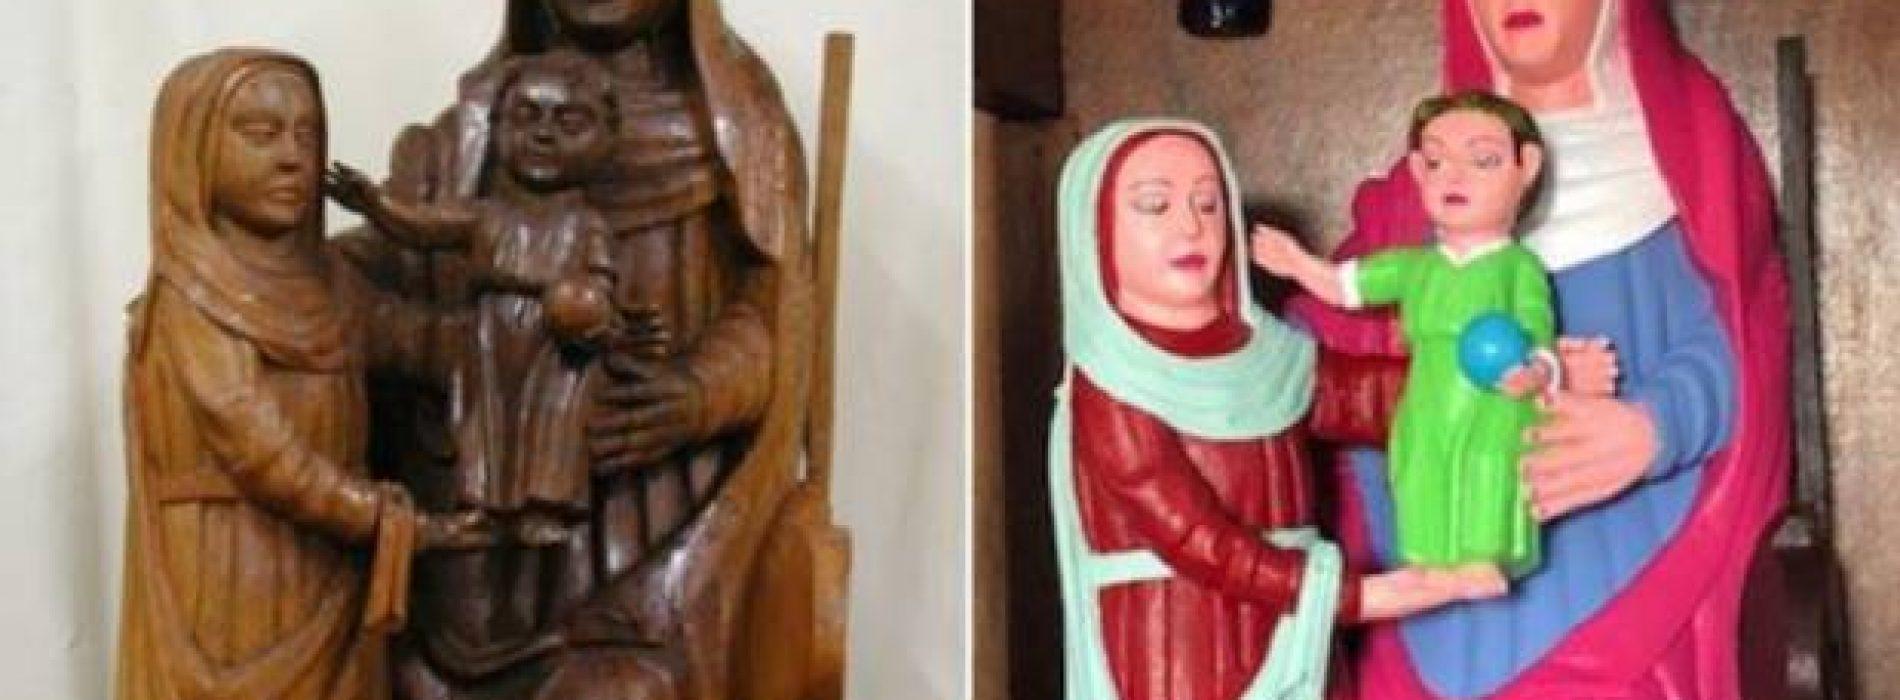 Pintó una estatua que le parecía horrenda y arruinó un tesoro del siglo XV